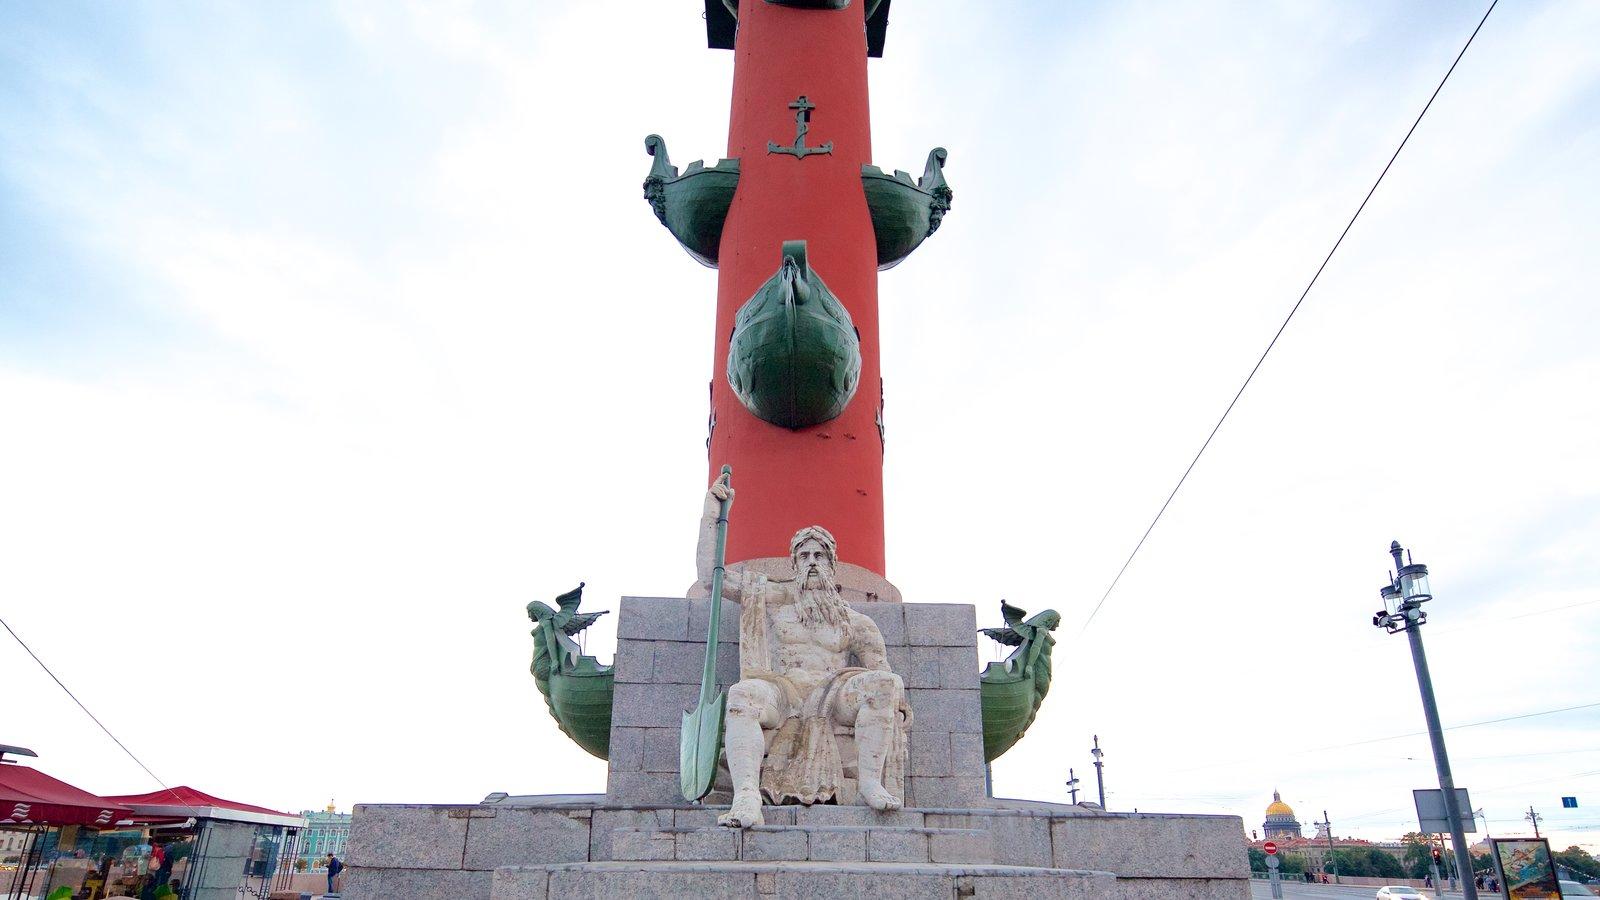 Strelka que inclui uma estátua ou escultura